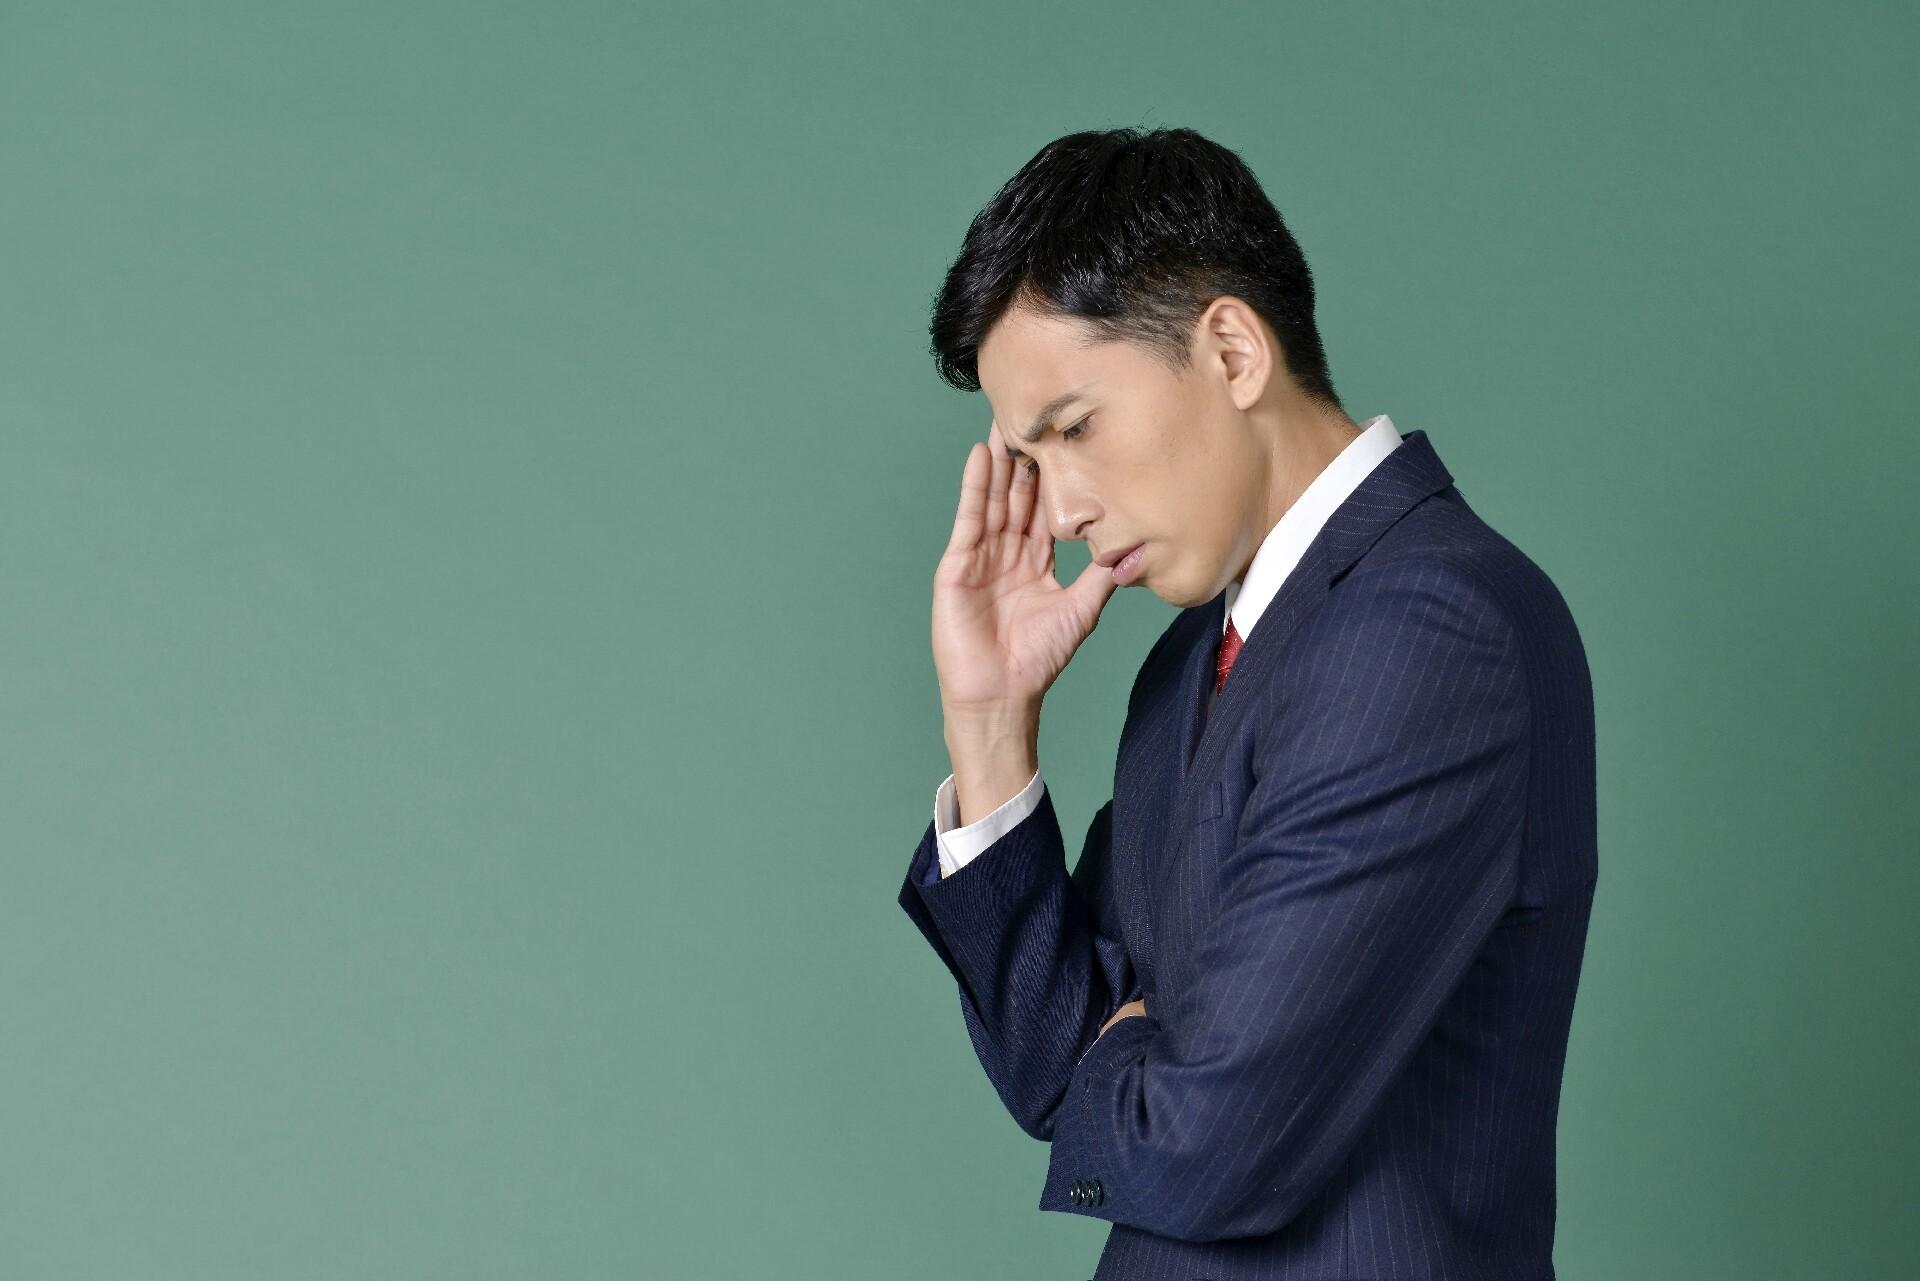 弁護士集客のチラシポスティングでは、専門業務別の作業がポスティングの効果に繋がる